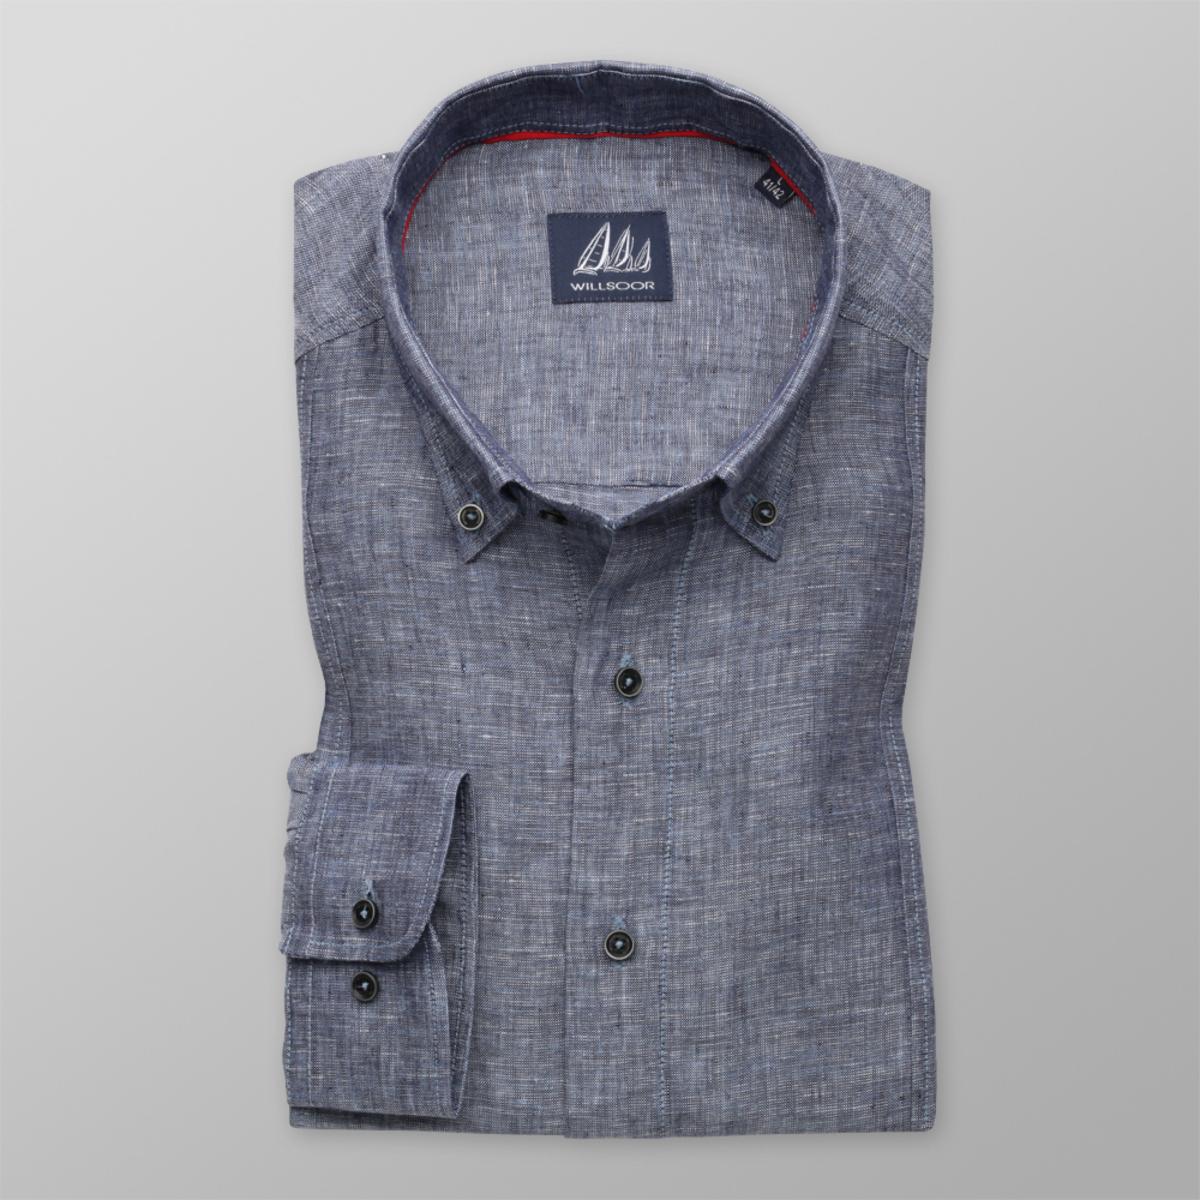 Košeľa Classic (všetky výšky) 9490 176-182 / XXL (45/46)